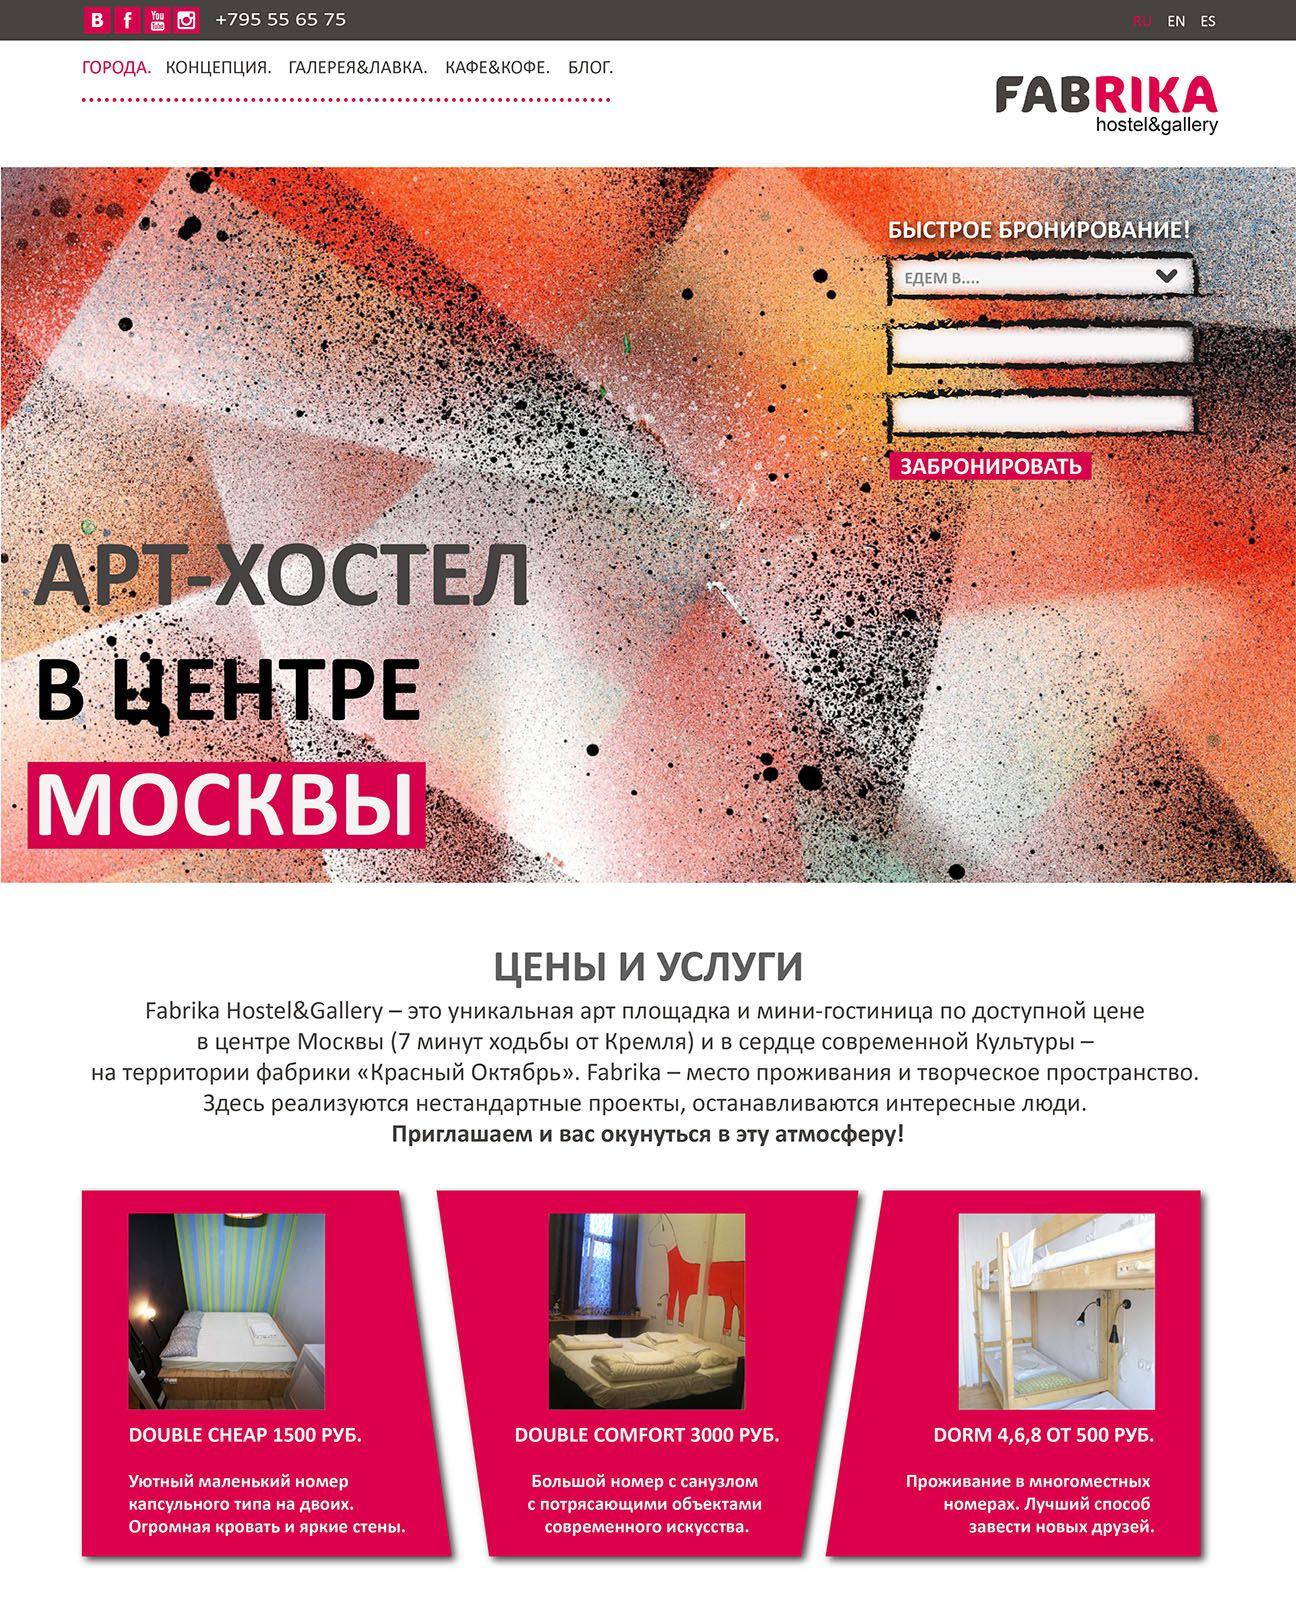 Разработка сайта арт пространства - дизайнер philium